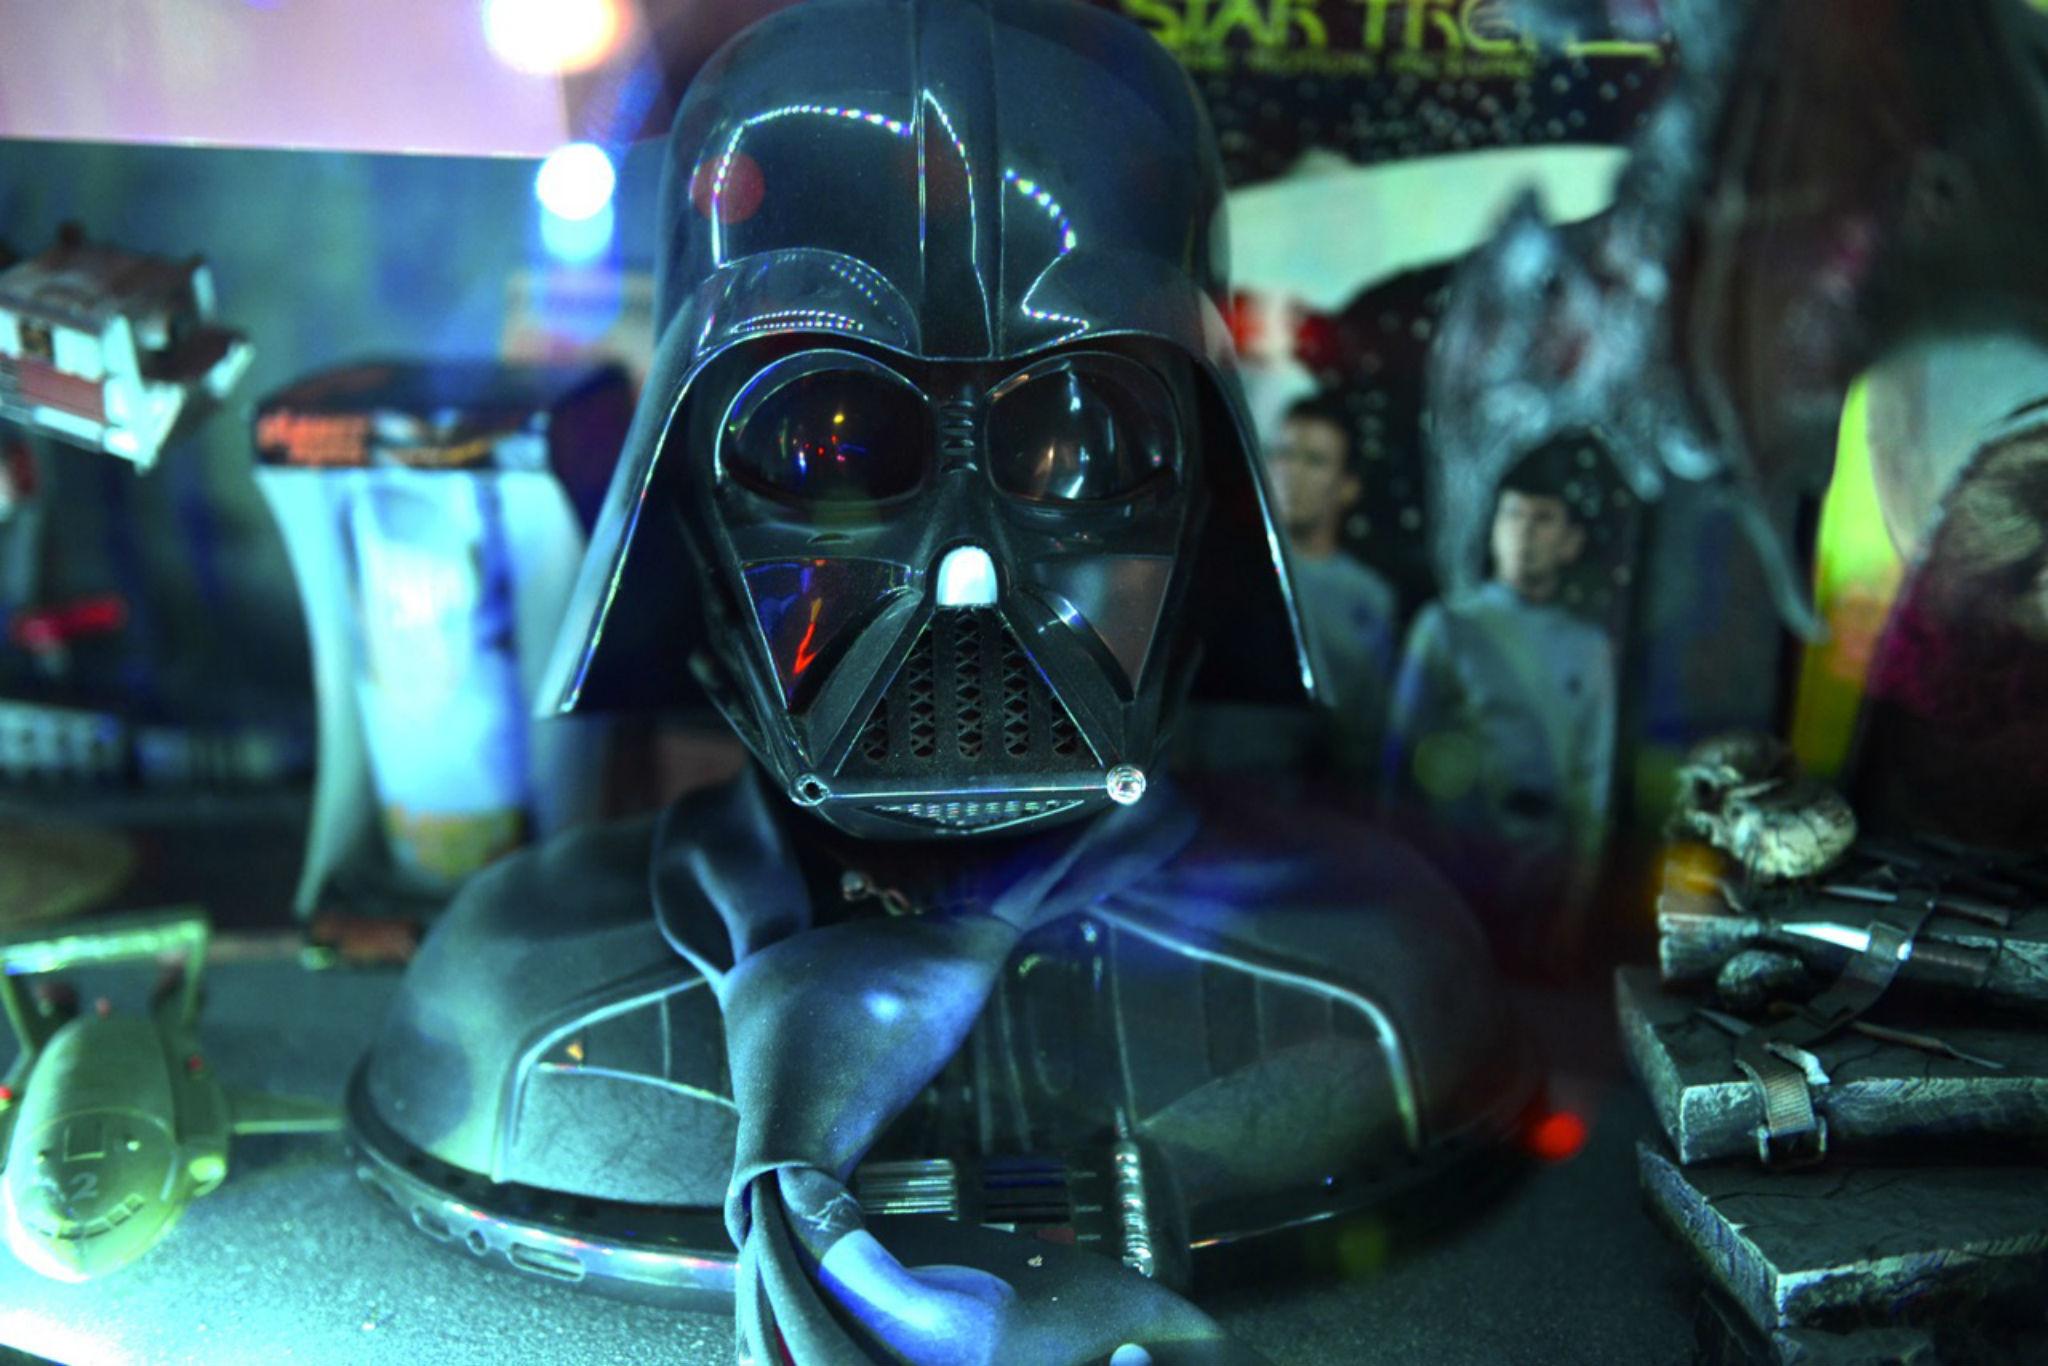 Fab cafe Darth Vader